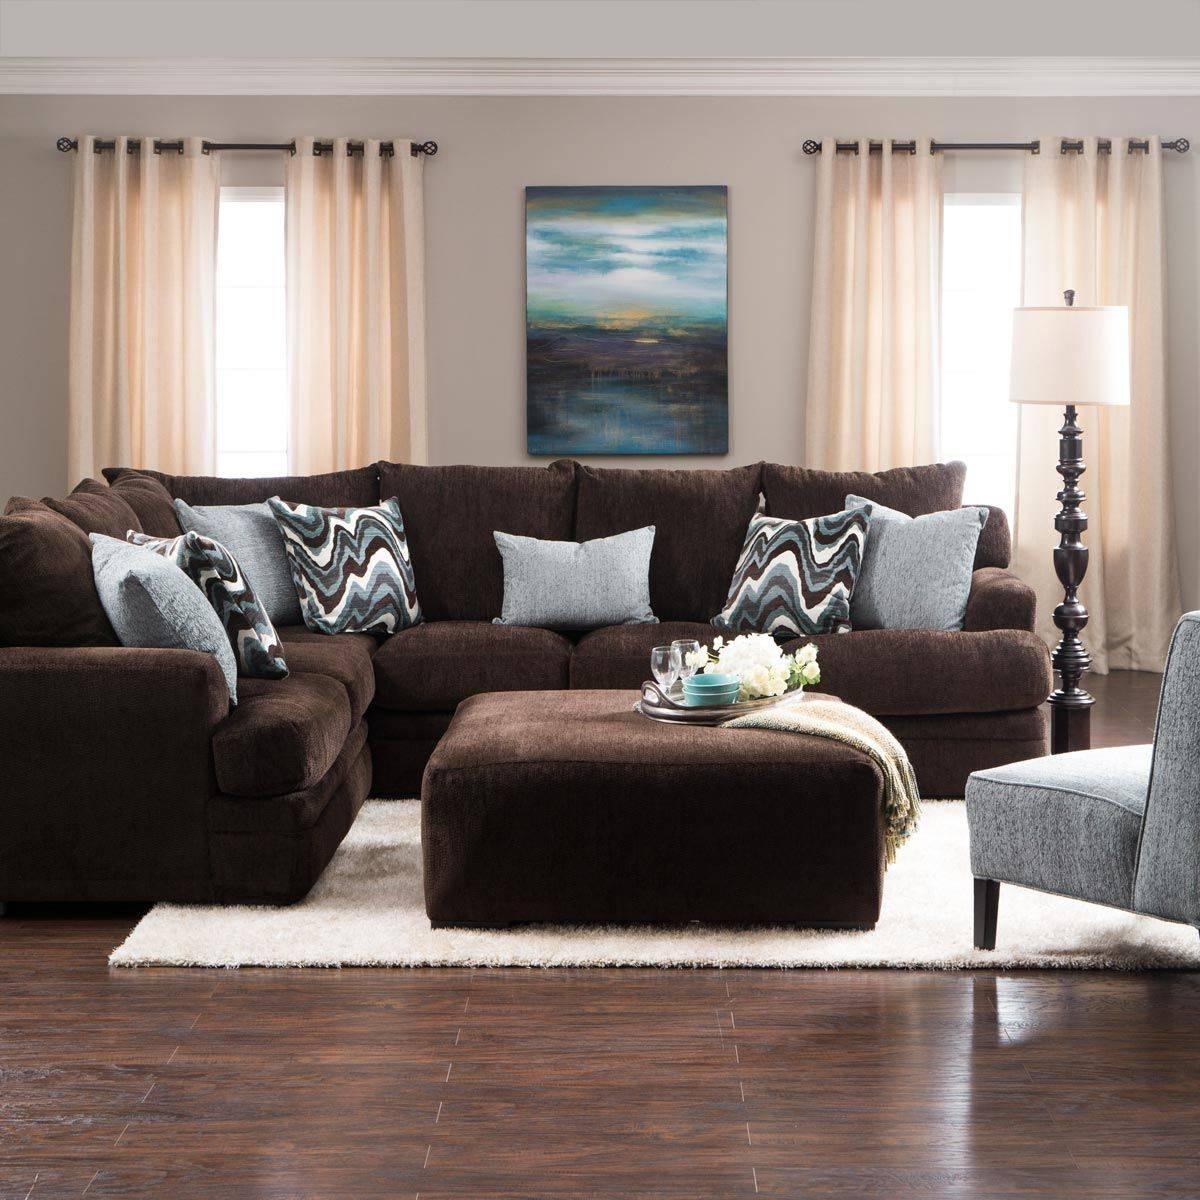 Гостиная в бежевых тонах: выбор отделки, мебели, текстиля, сочетания и стили